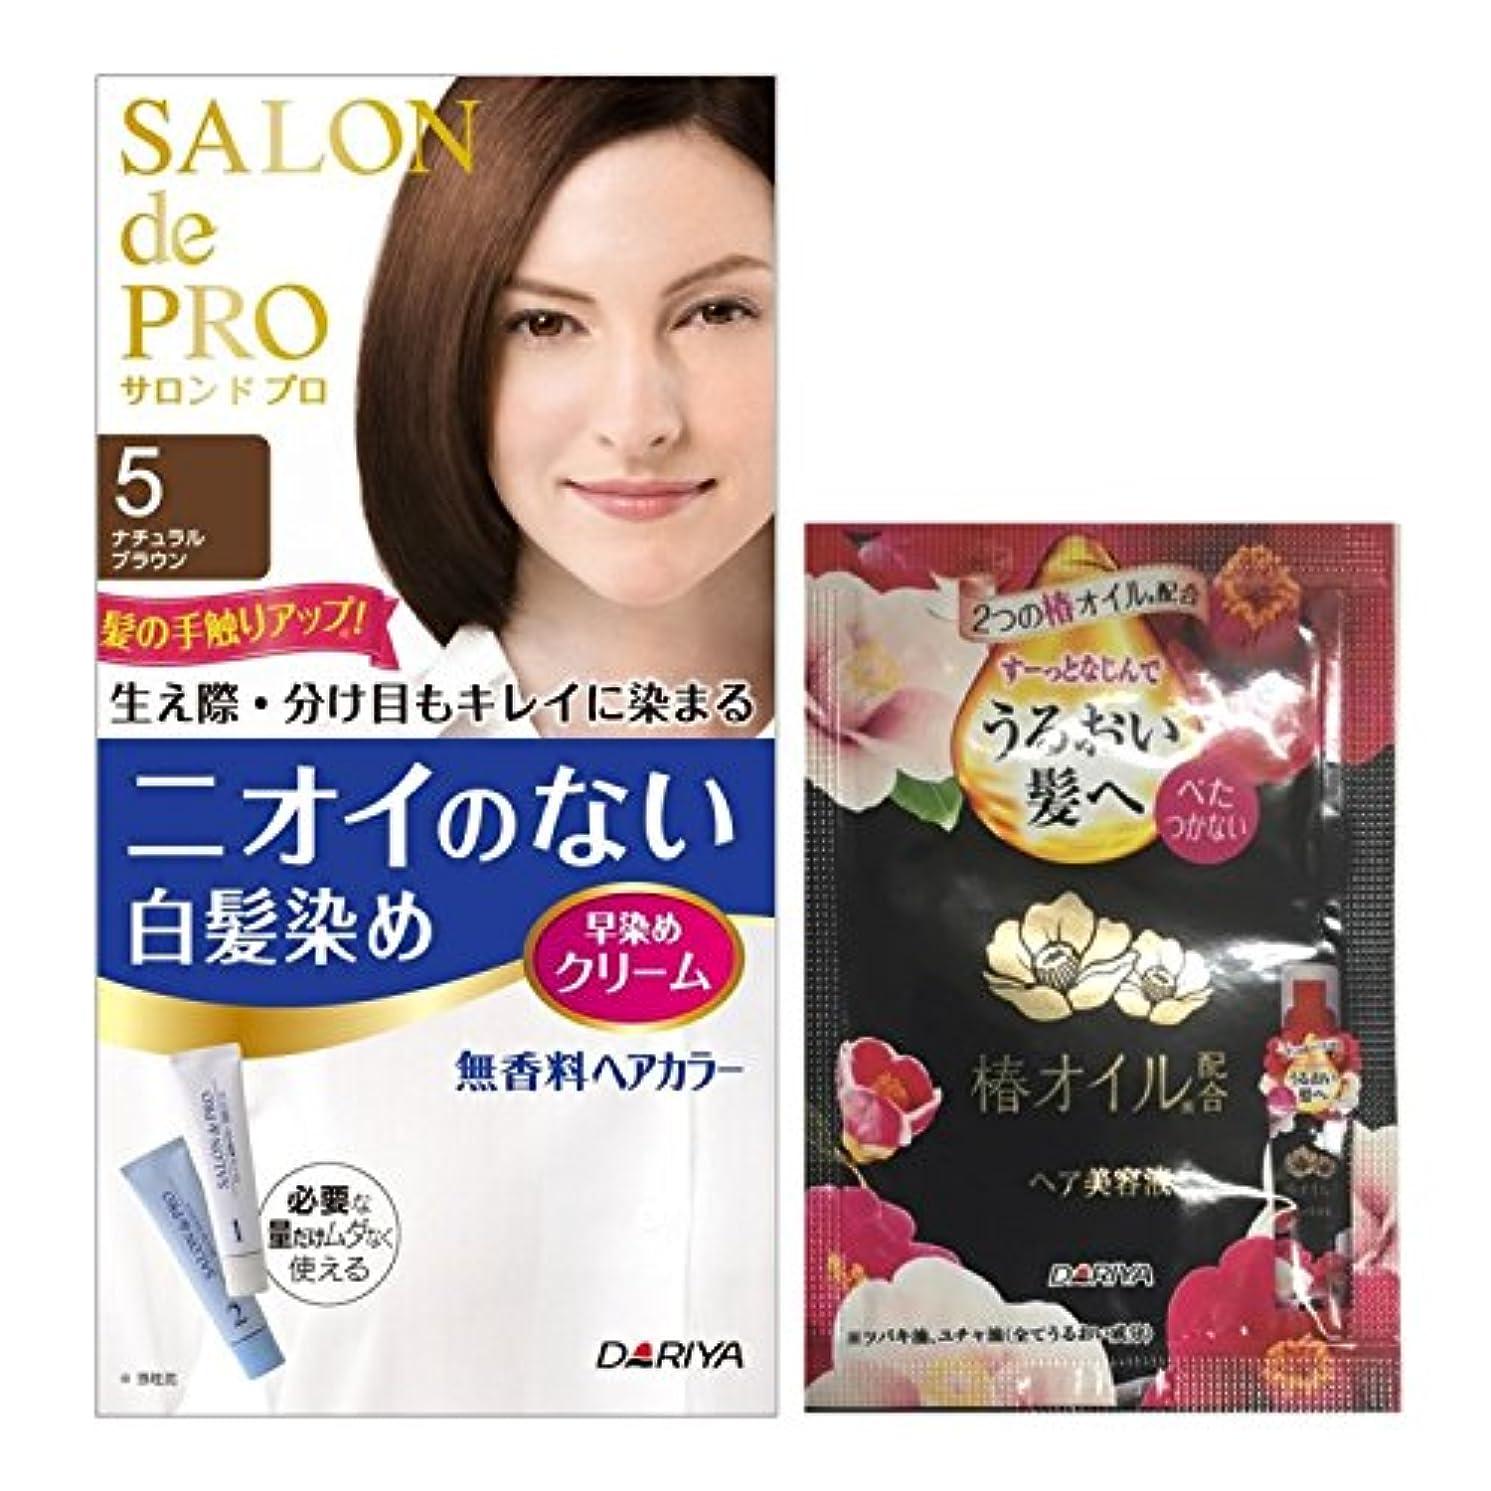 注入であることもの【サンプル付き】サロンドプロ無香料ヘアクリーム早染めクリーム5 椿オイル美容液景品付